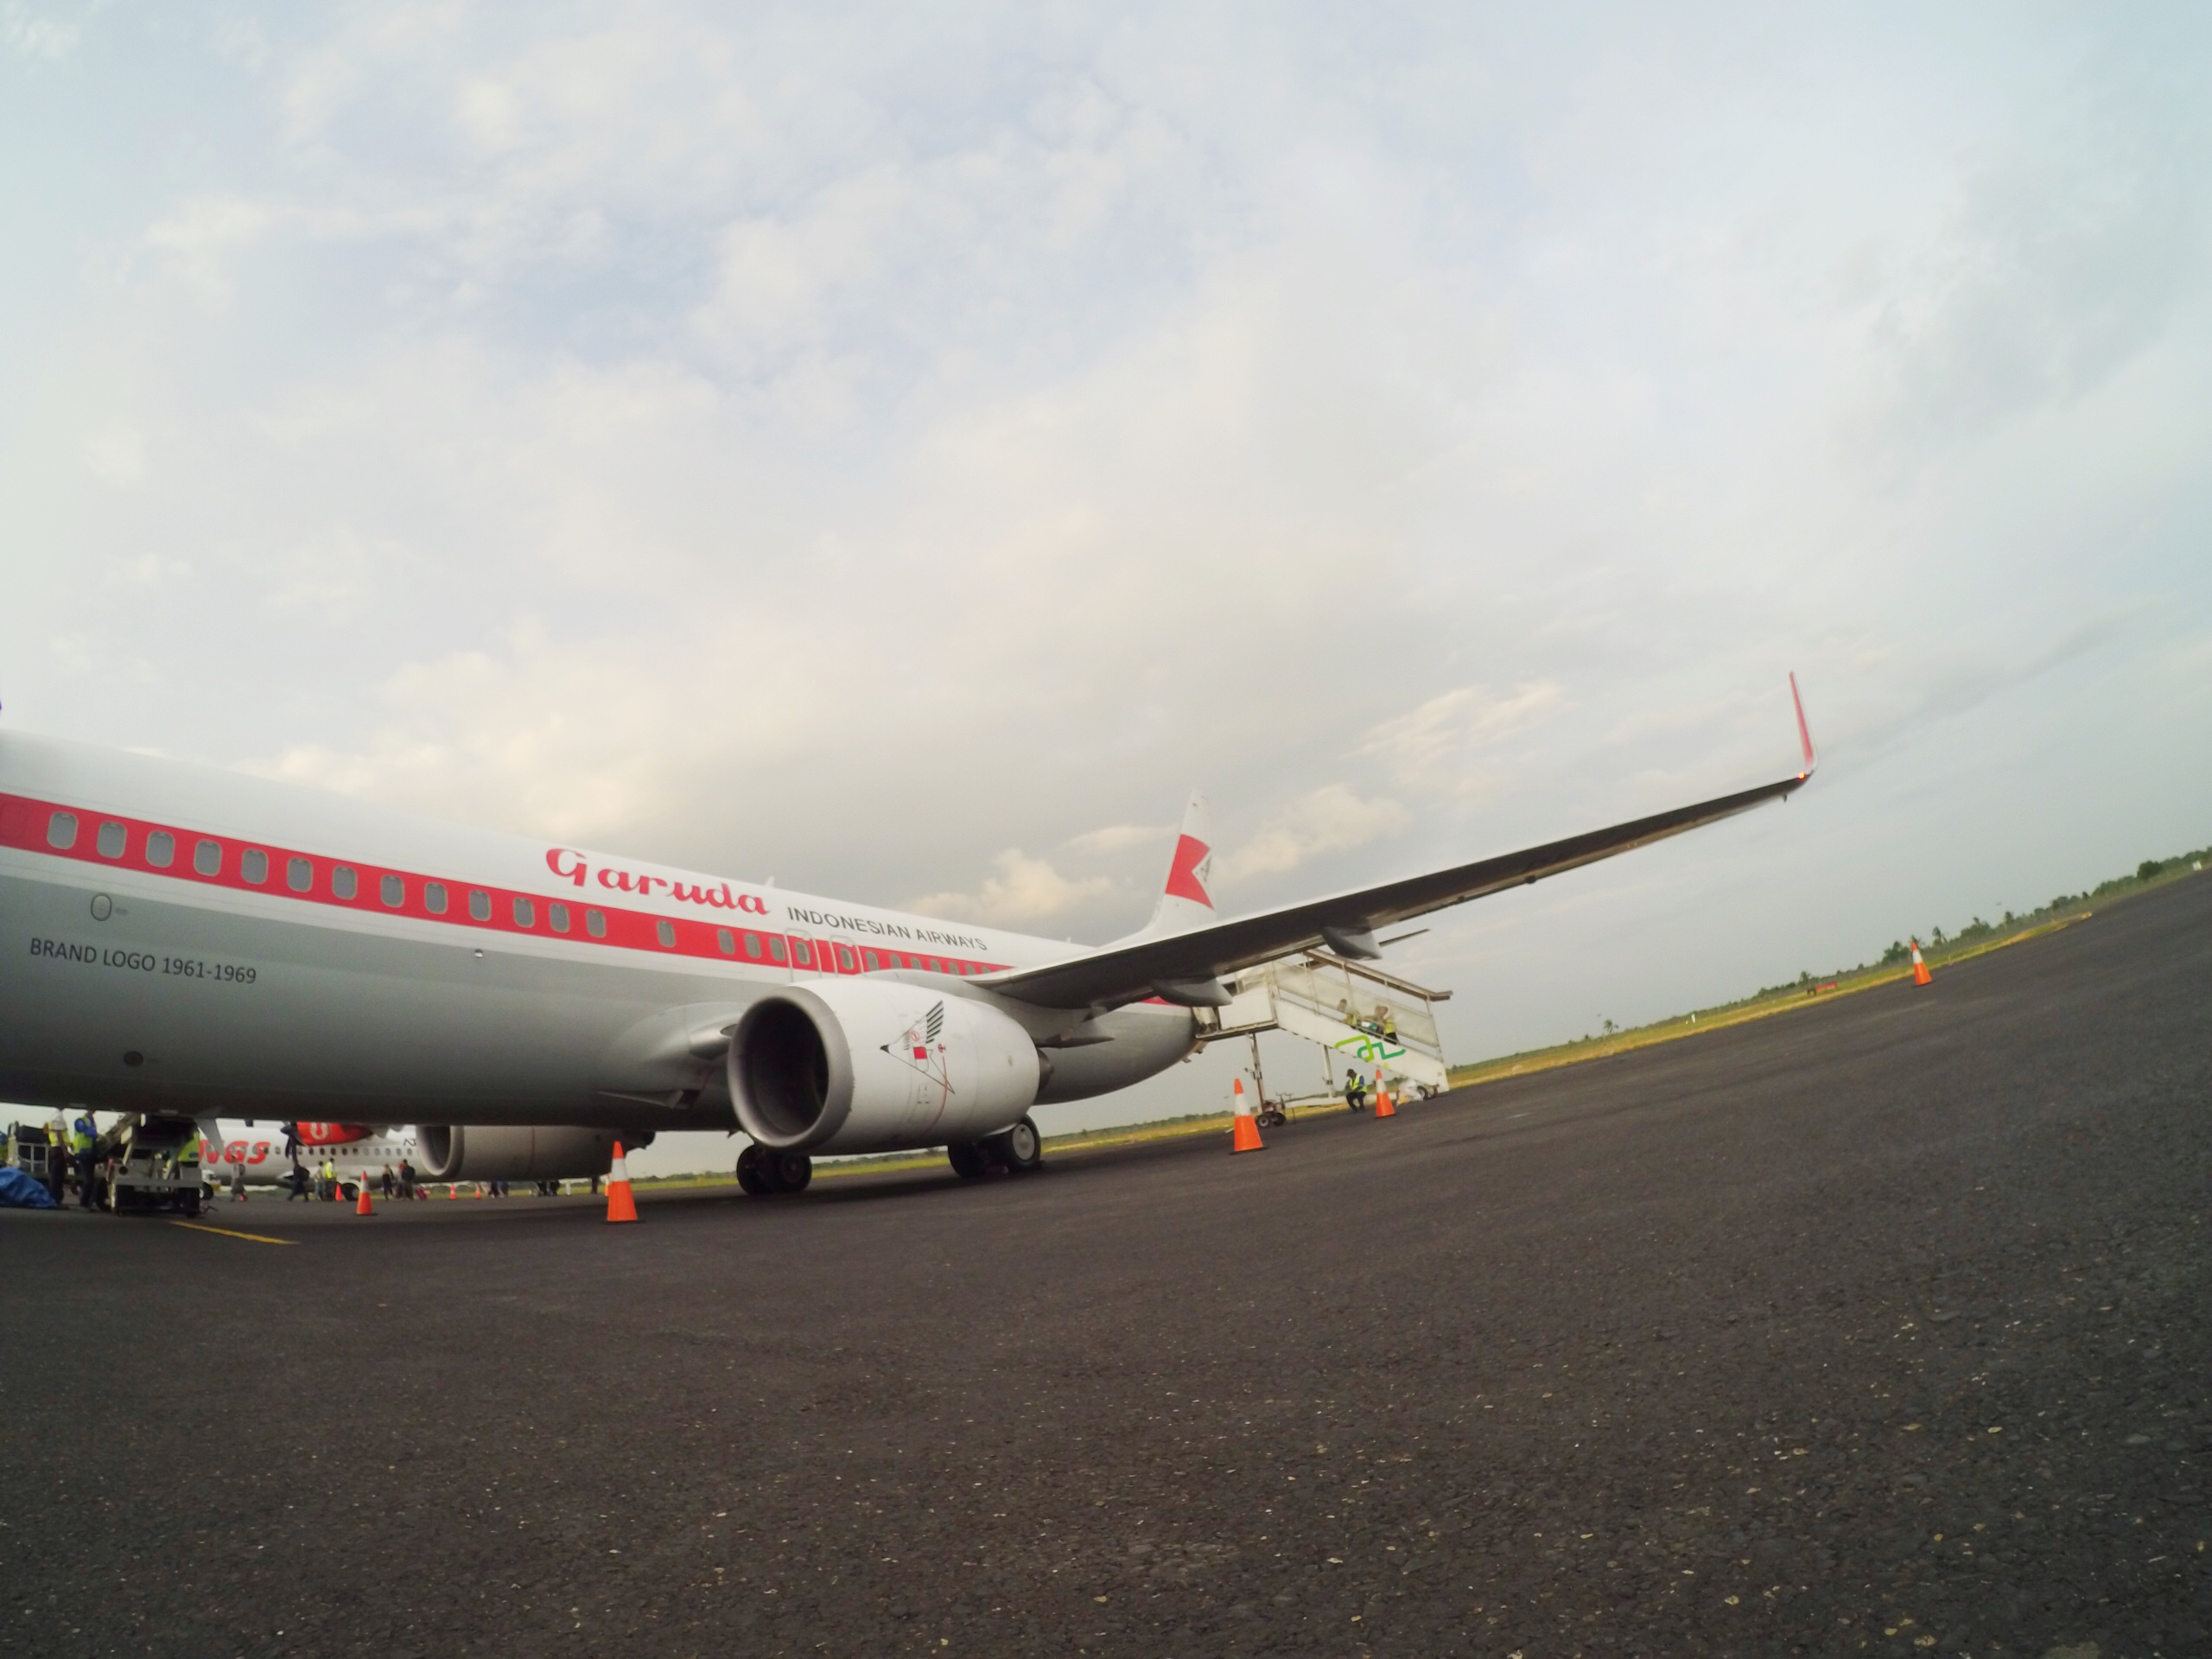 Livery retro Garuda Indonesia